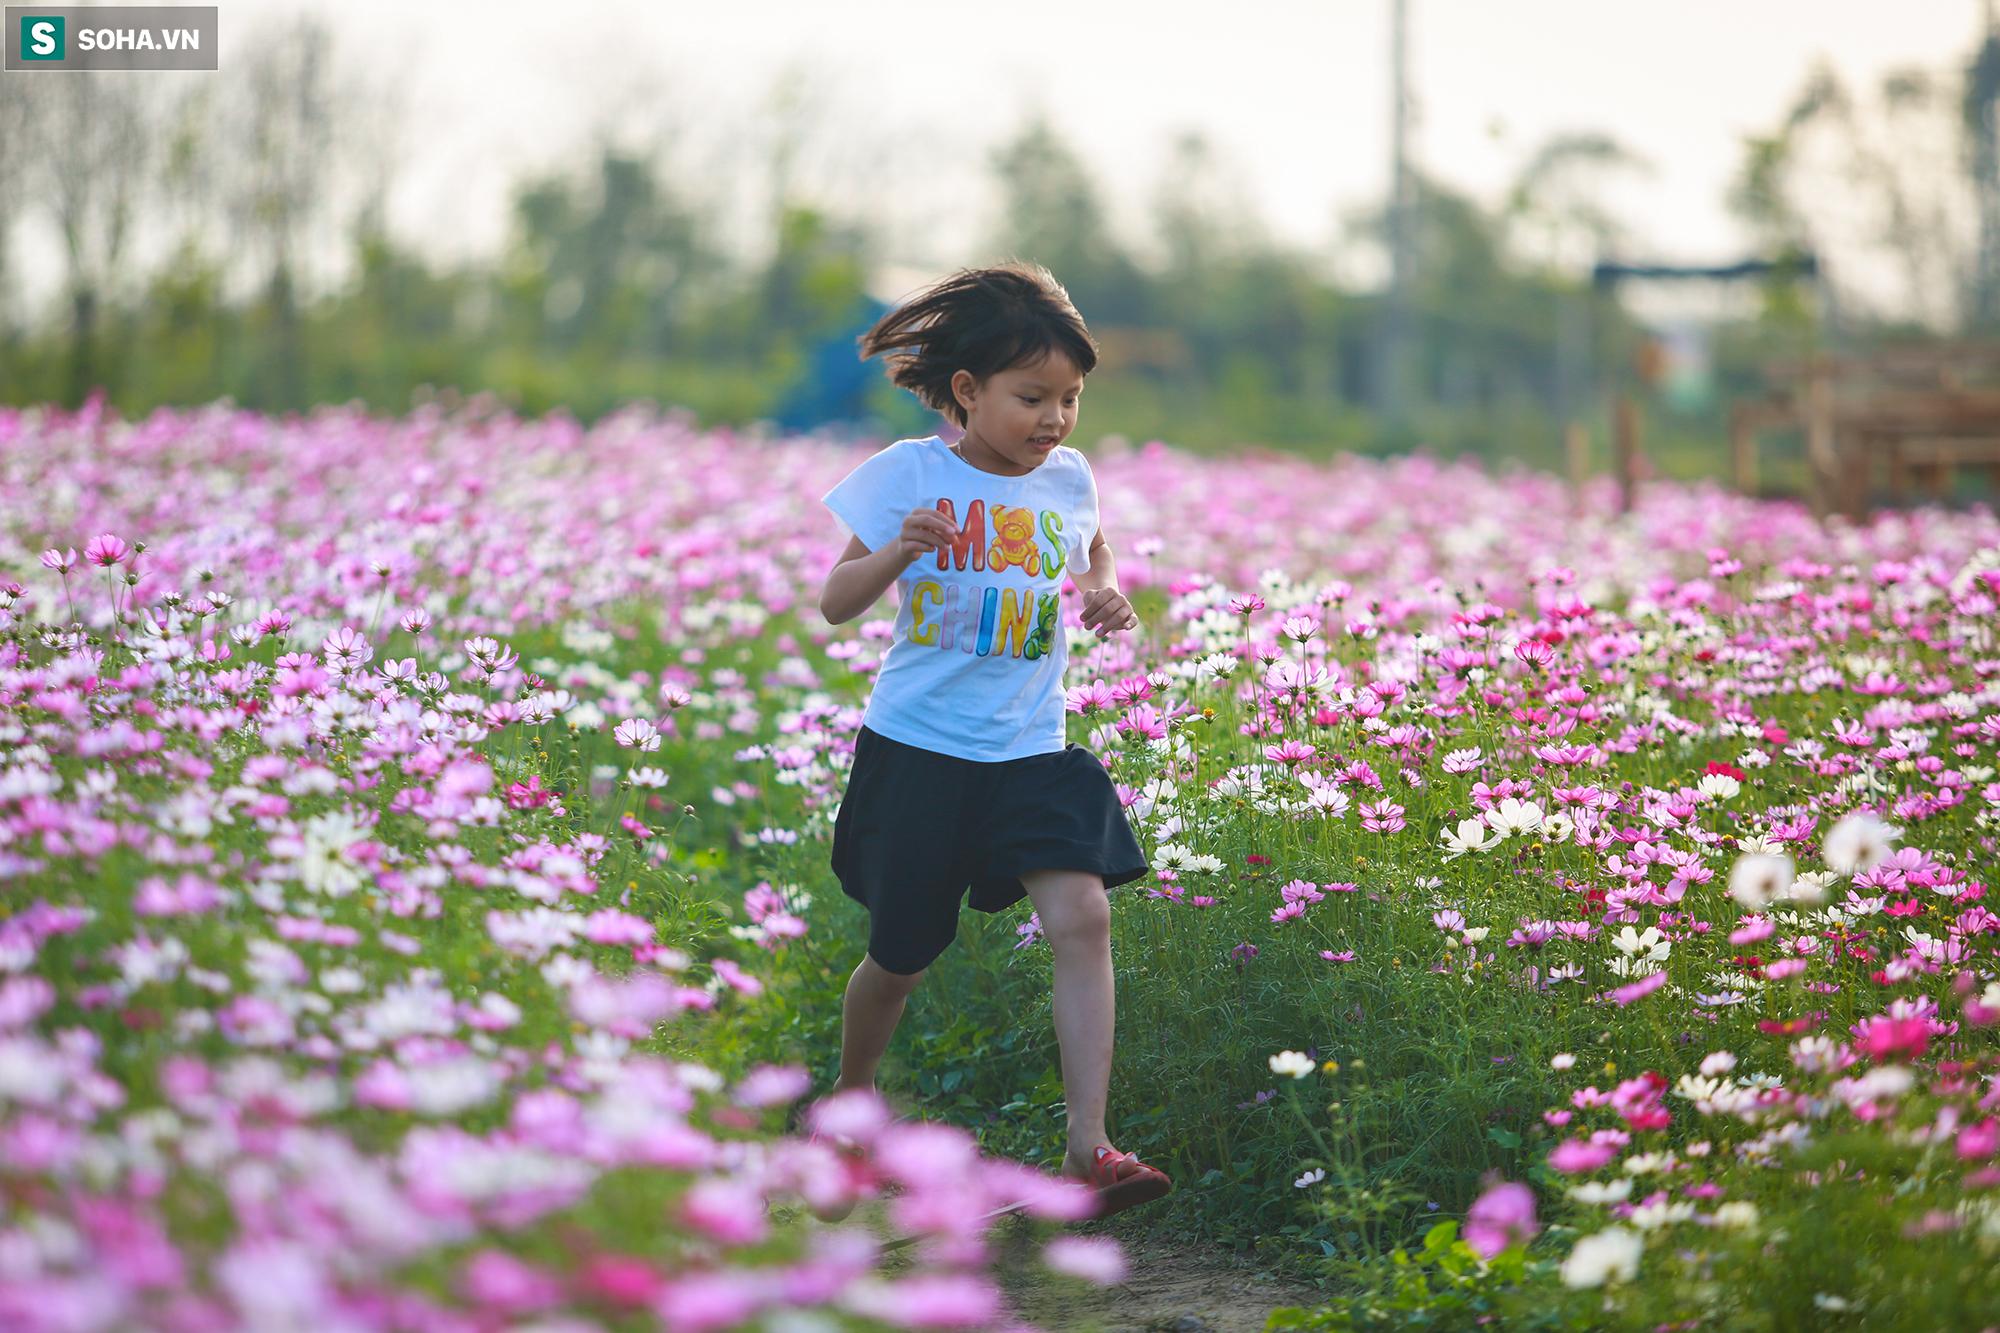 Mê mẩn cánh đồng hoa sao nhái đầy màu sắc được giới trẻ săn tìm để check-in ở Quảng Bình - Ảnh 14.